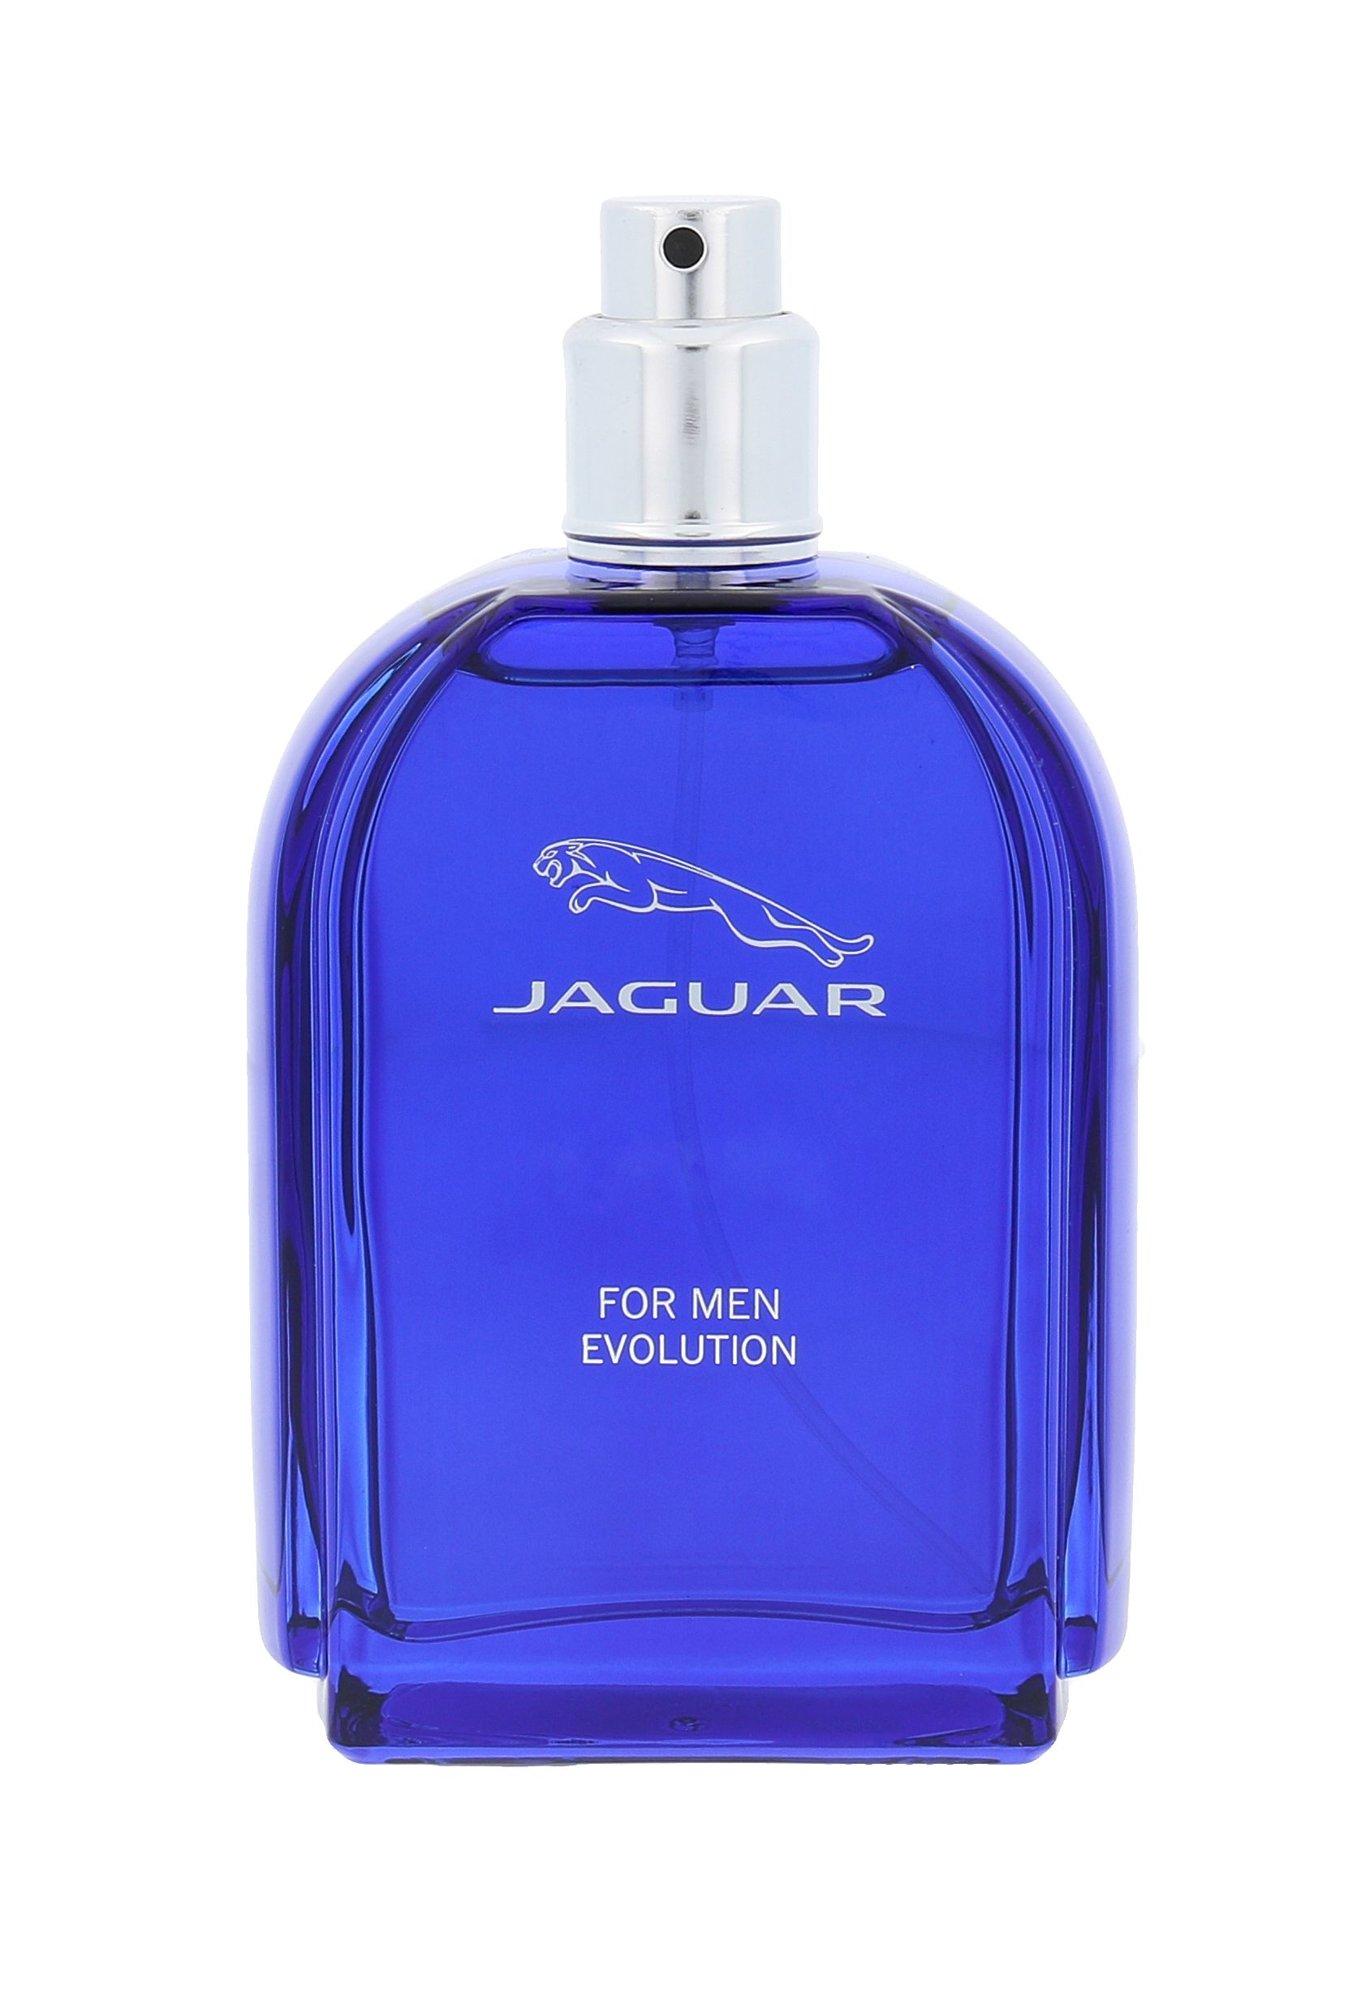 Jaguar For Men Evolution EDT 100ml